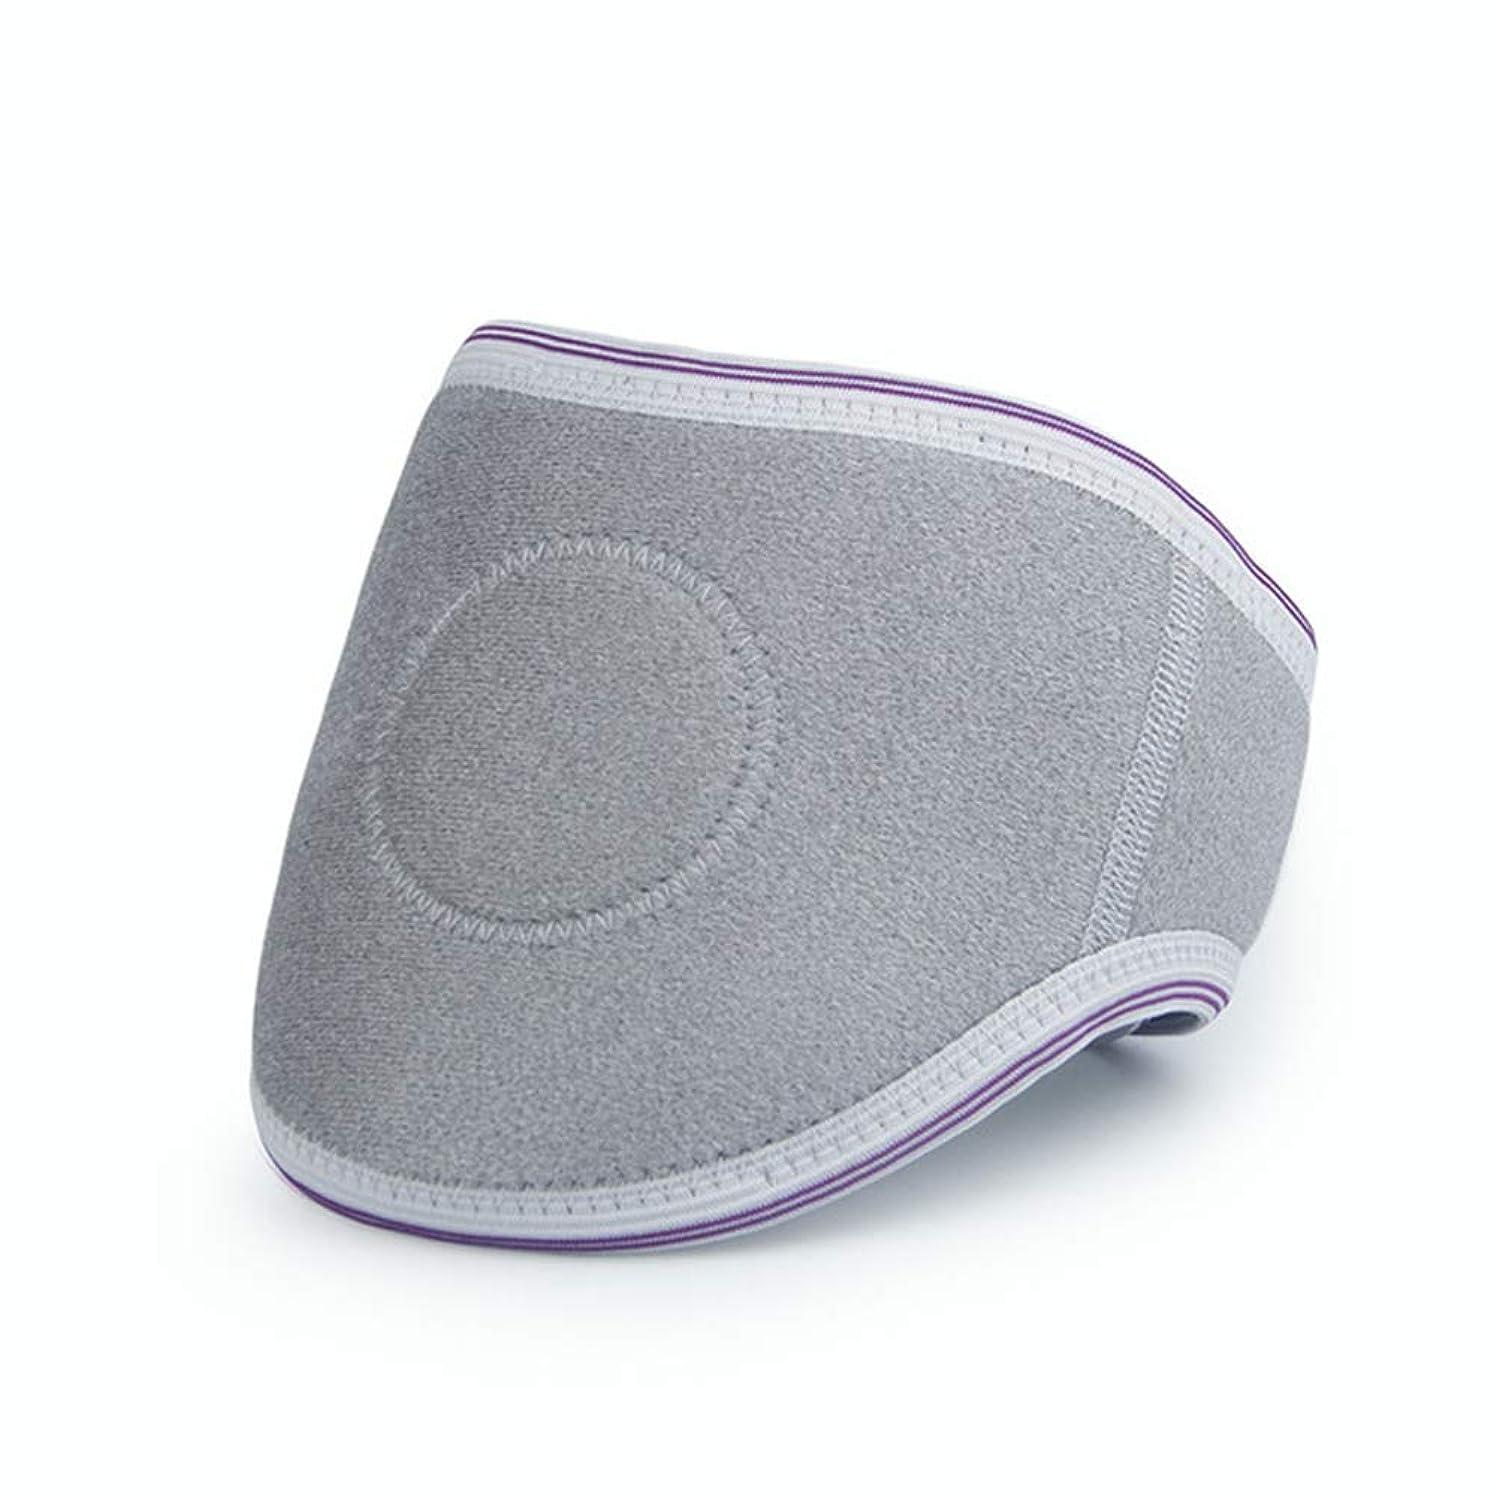 生き残ります根絶するいくつかの自己加熱暖かいホット圧縮ネックパッドの磁気療法中年の男性と女性の首の保護